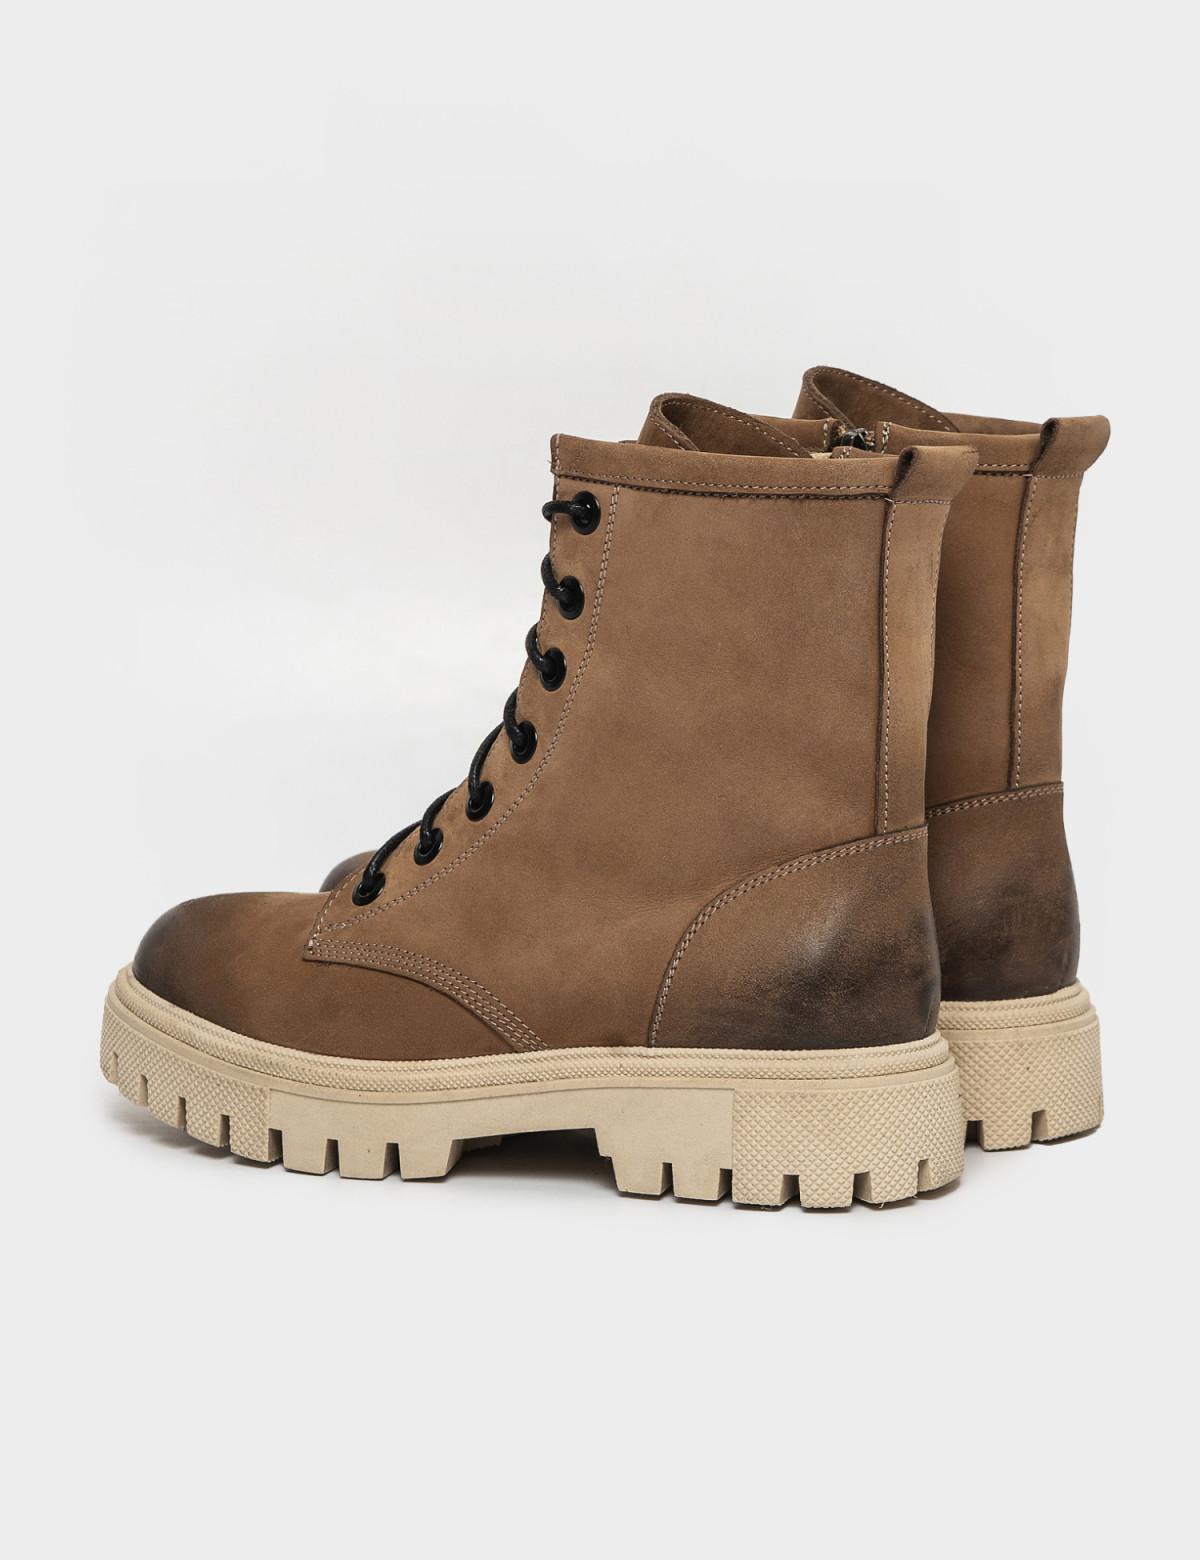 Ботинки бежевые. Натуральный нубук. Байка2